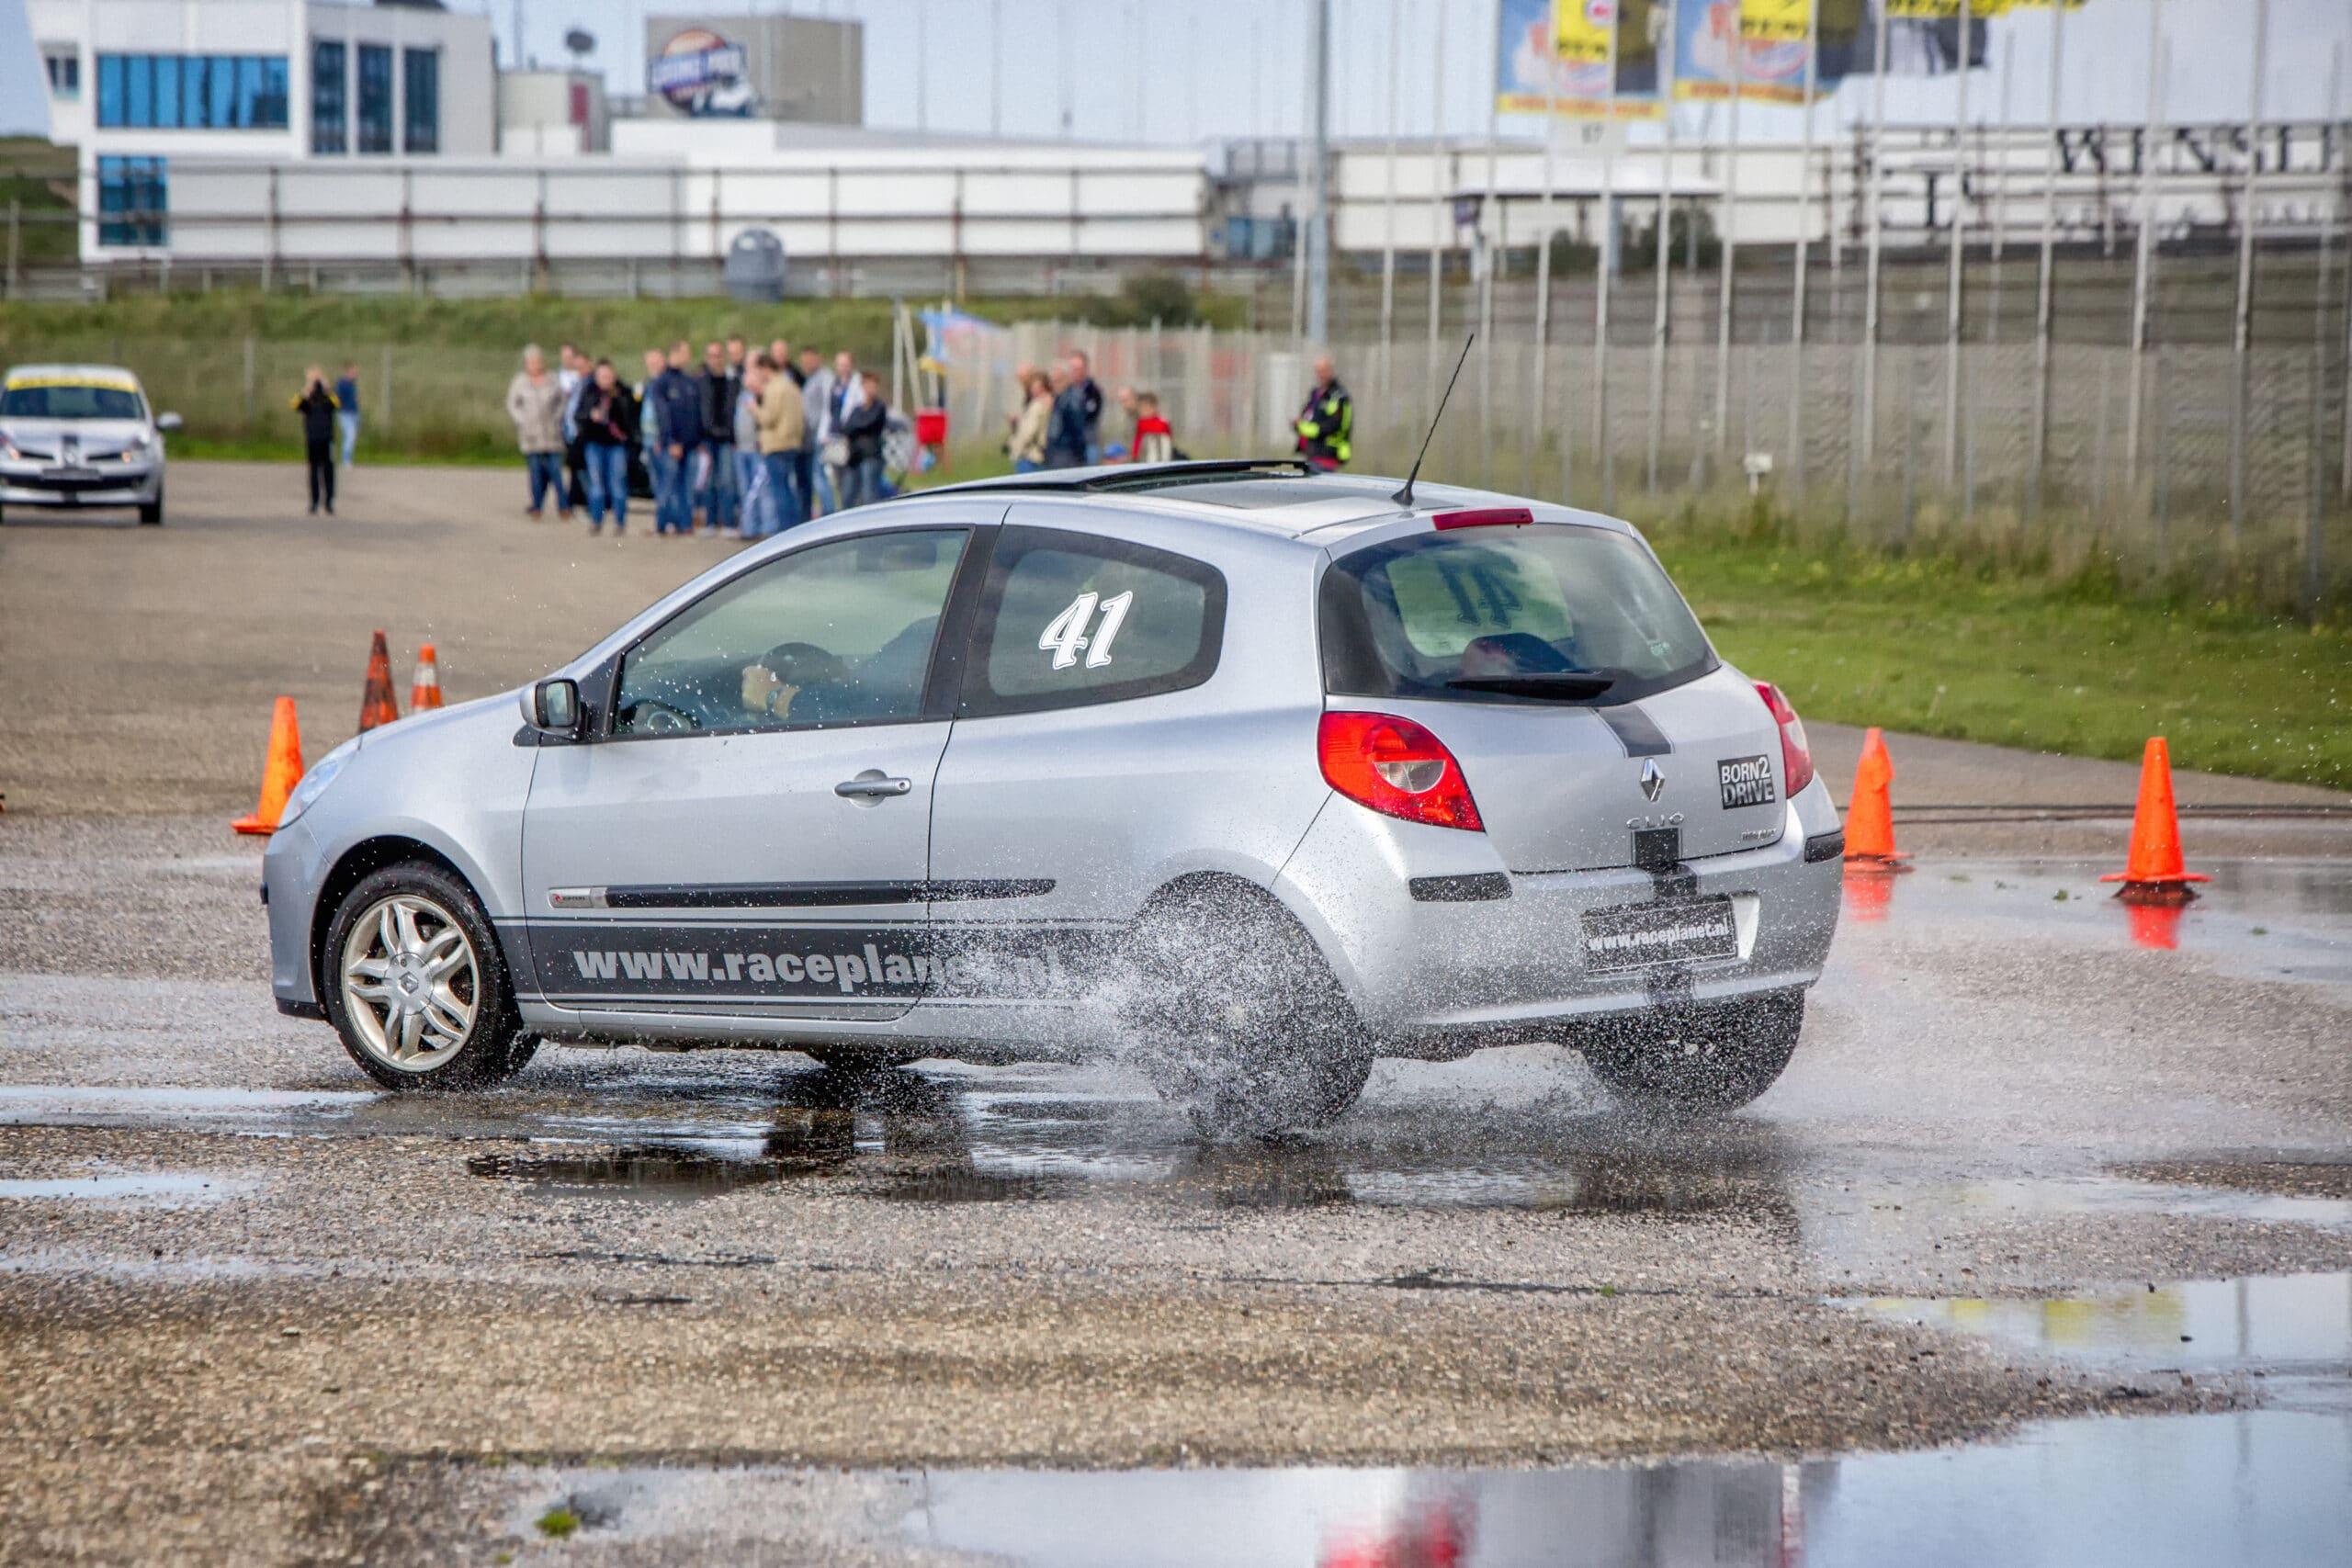 Deelnemer slipt tijdens het onderdeel slipproef bij een Race Experience op Circuit Zandvoort in een Renault Clio.